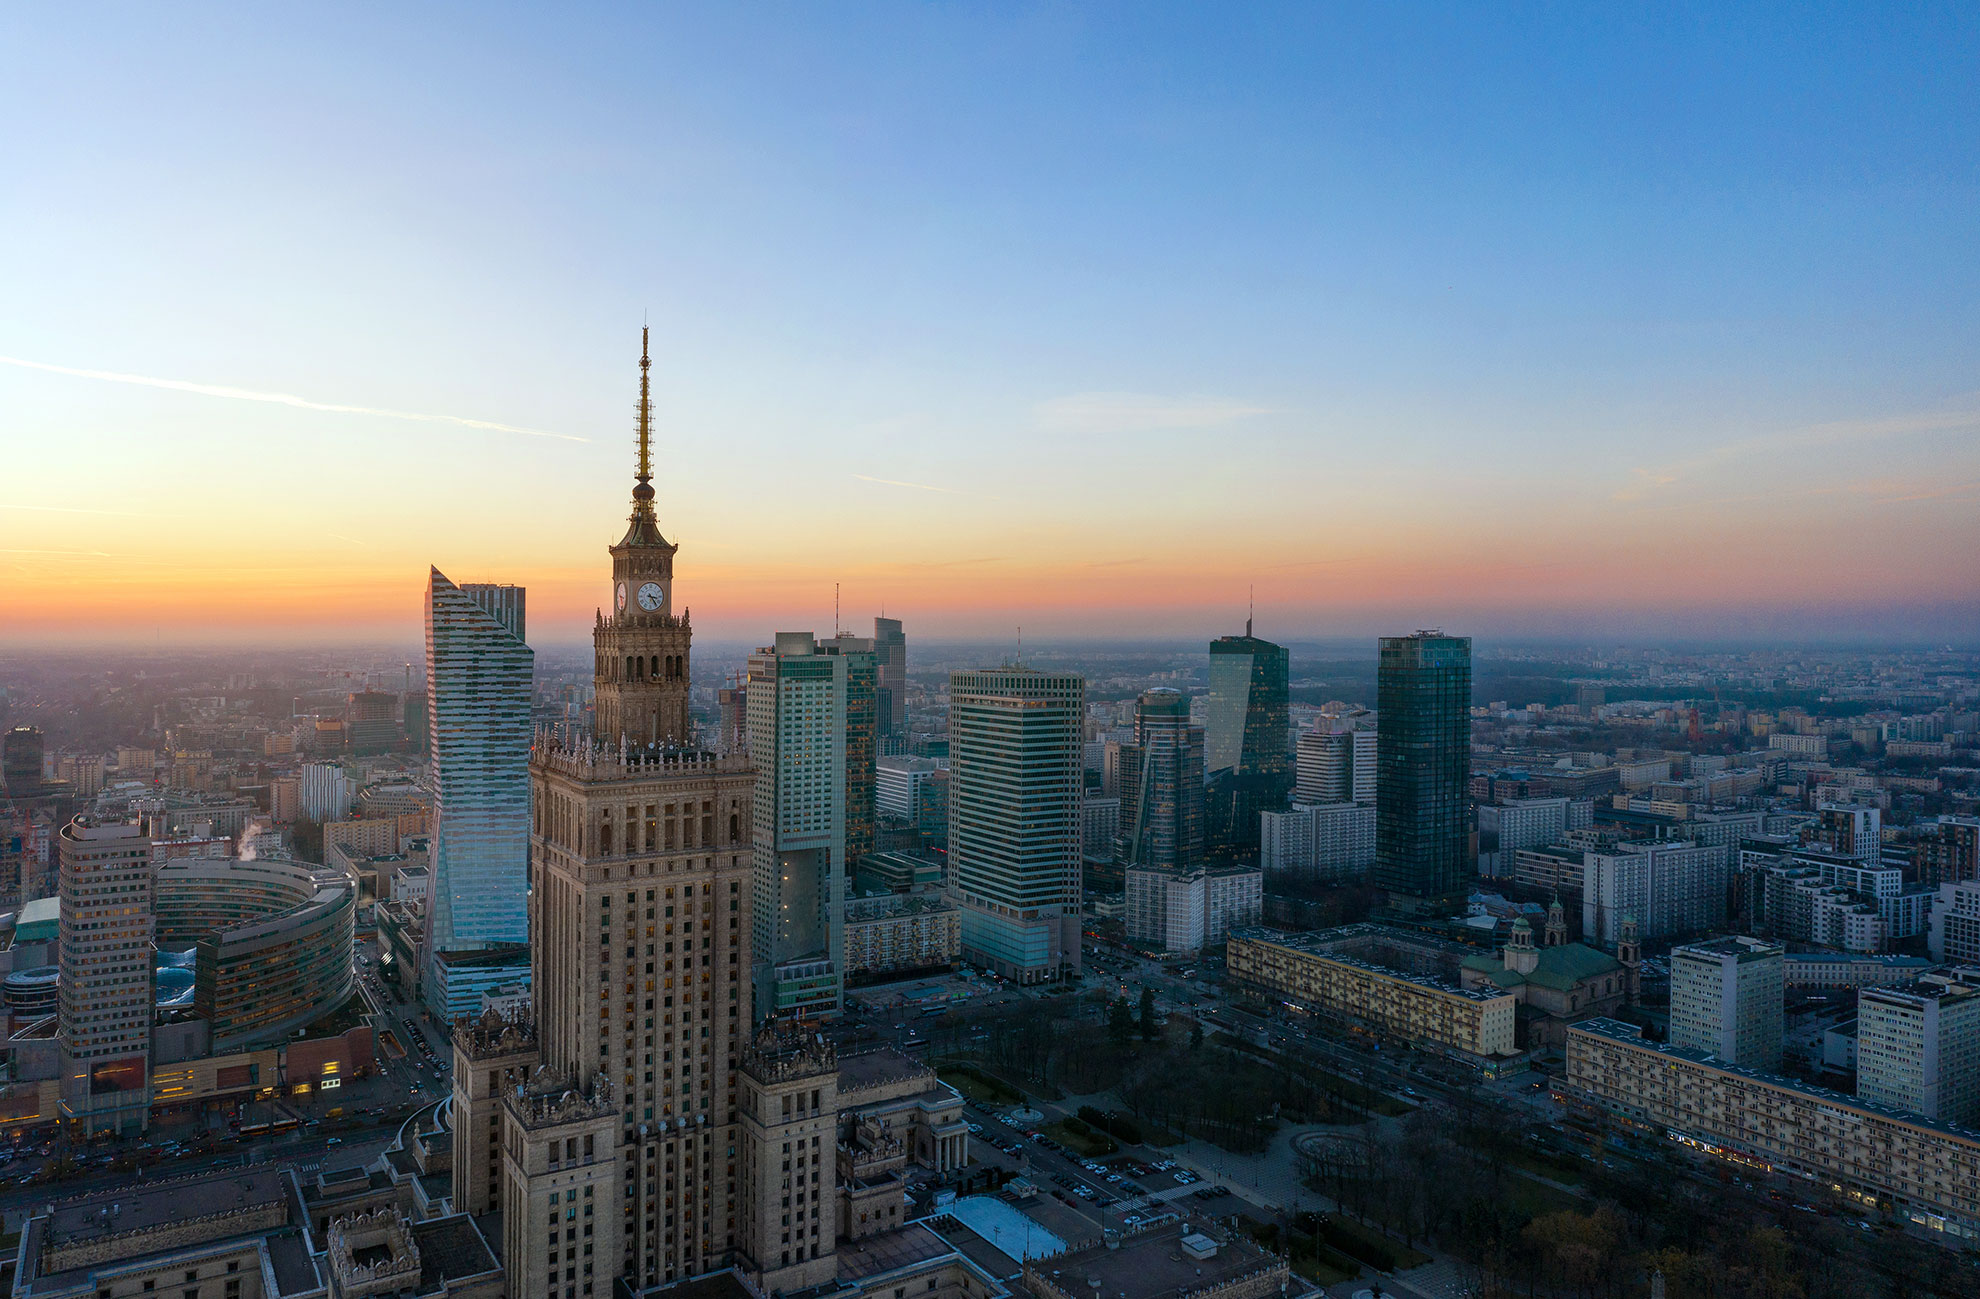 Pałac Kultury i Nauki w Warszawie, ilustracja do artykułu